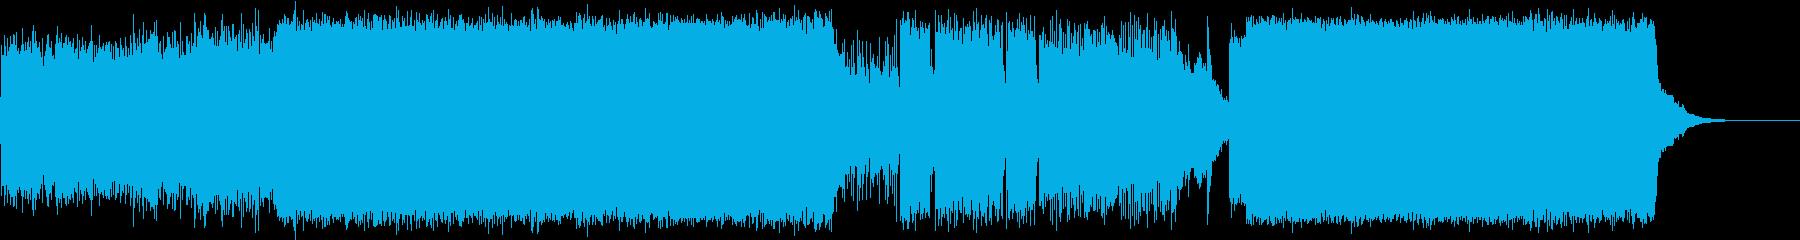 幻想的で激しい一風変わったエレクトロの再生済みの波形